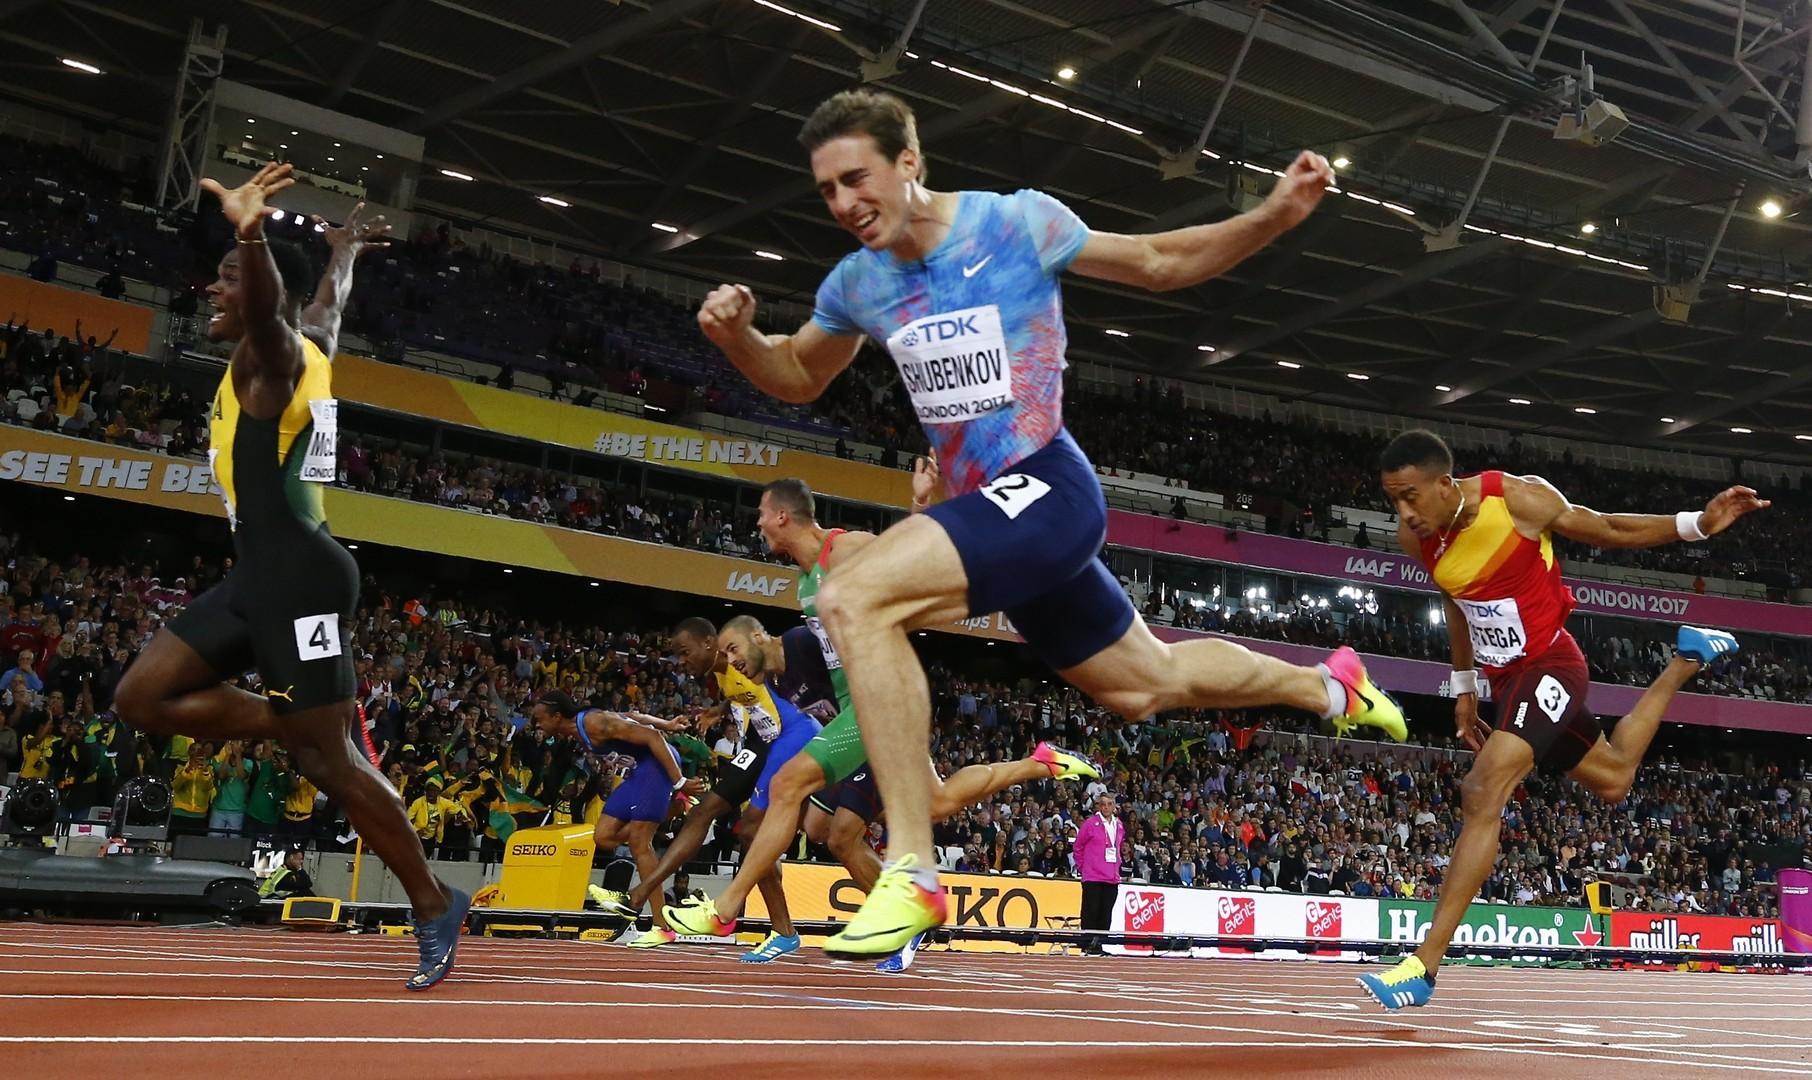 Серебро с золотым отливом: россиянин Шубенков стал вторым в беге на 110 метров с барьерами на ЧМ в Лондоне